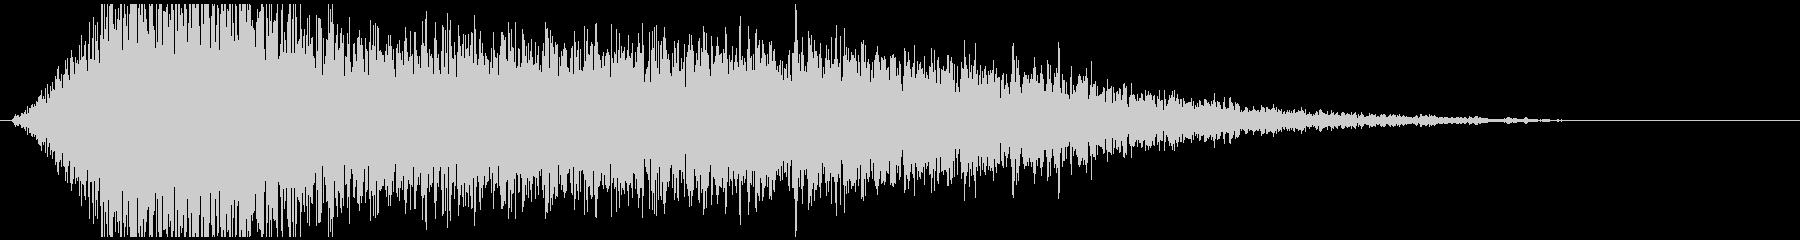 ドローン G ノイズハイ02の未再生の波形